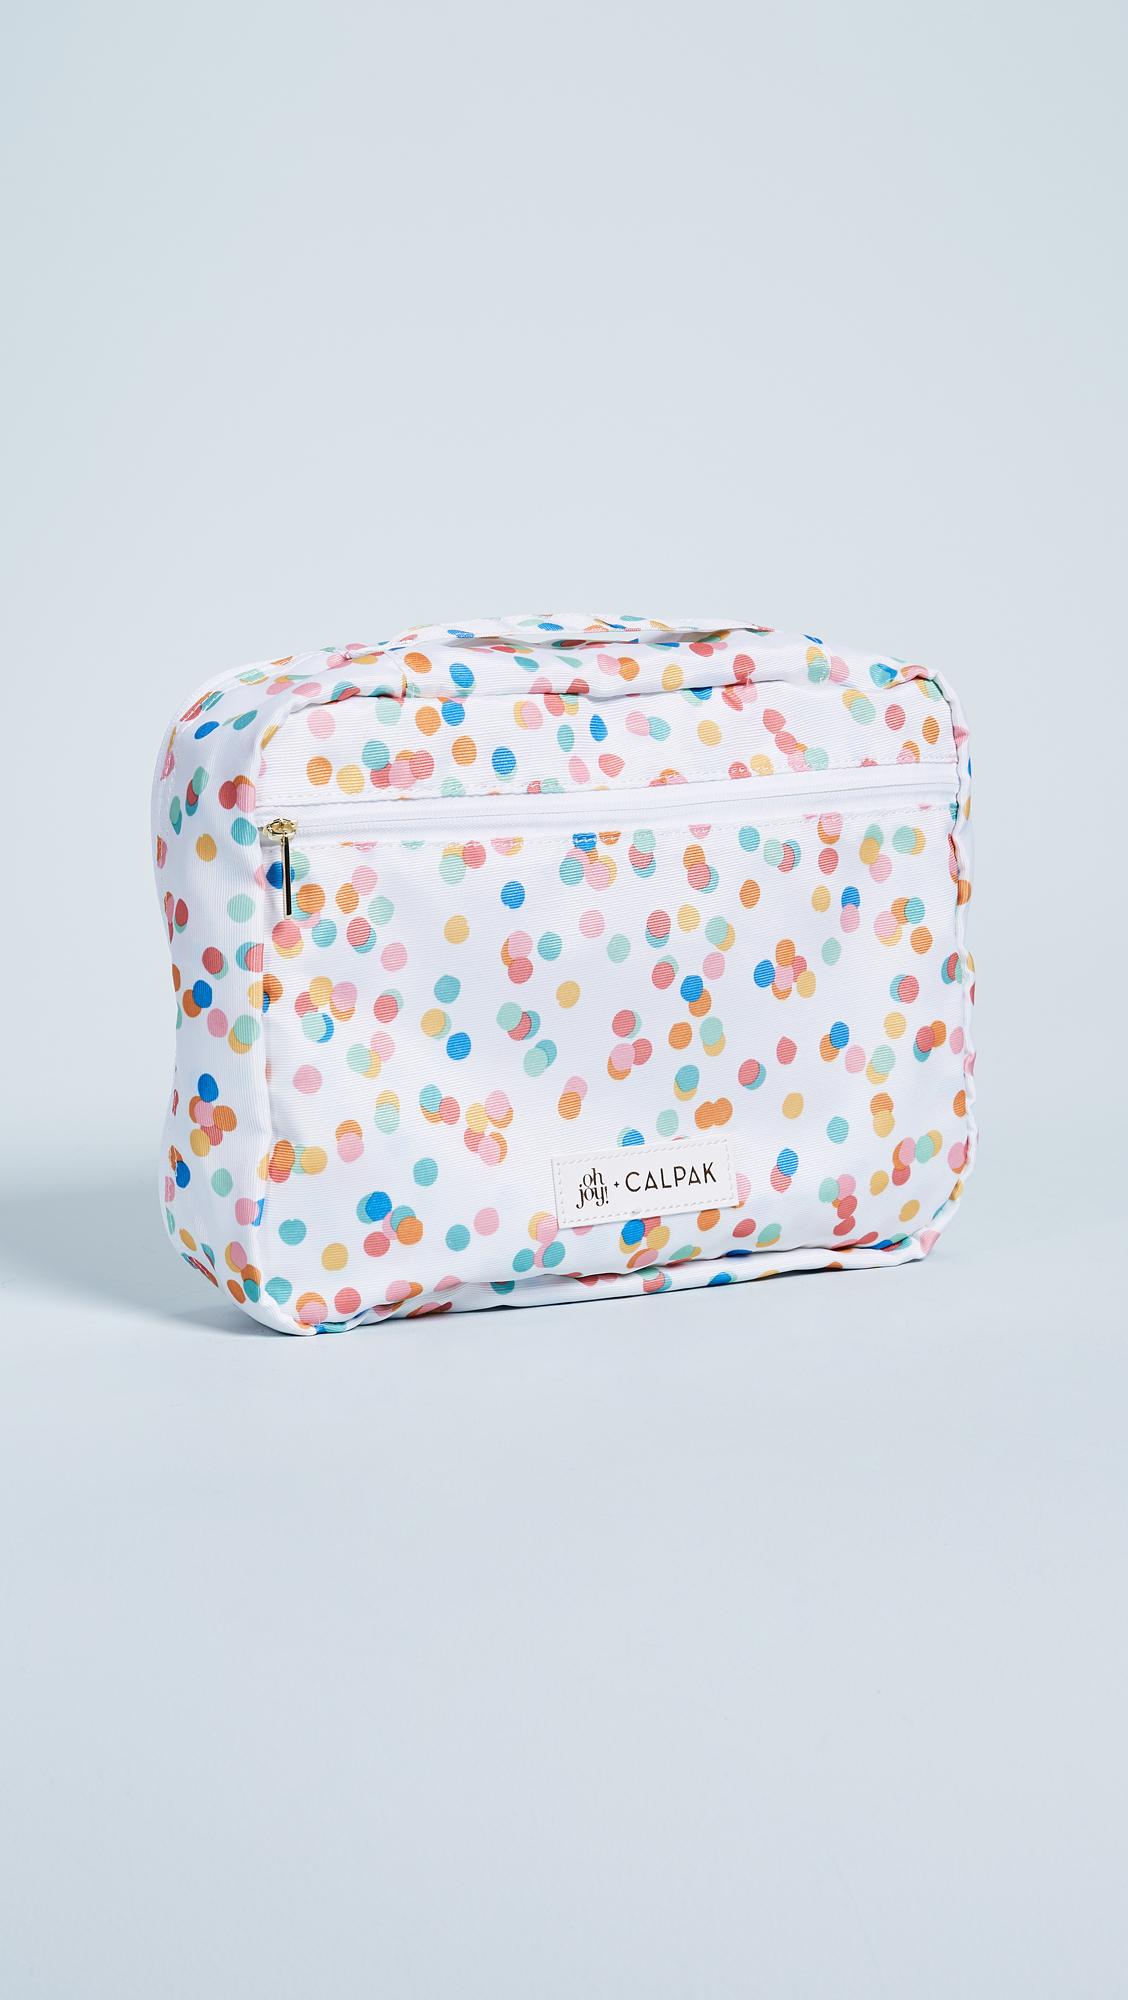 CALPAK x Oh Joy! Packing Cube Set  e3e23f0fc2a33